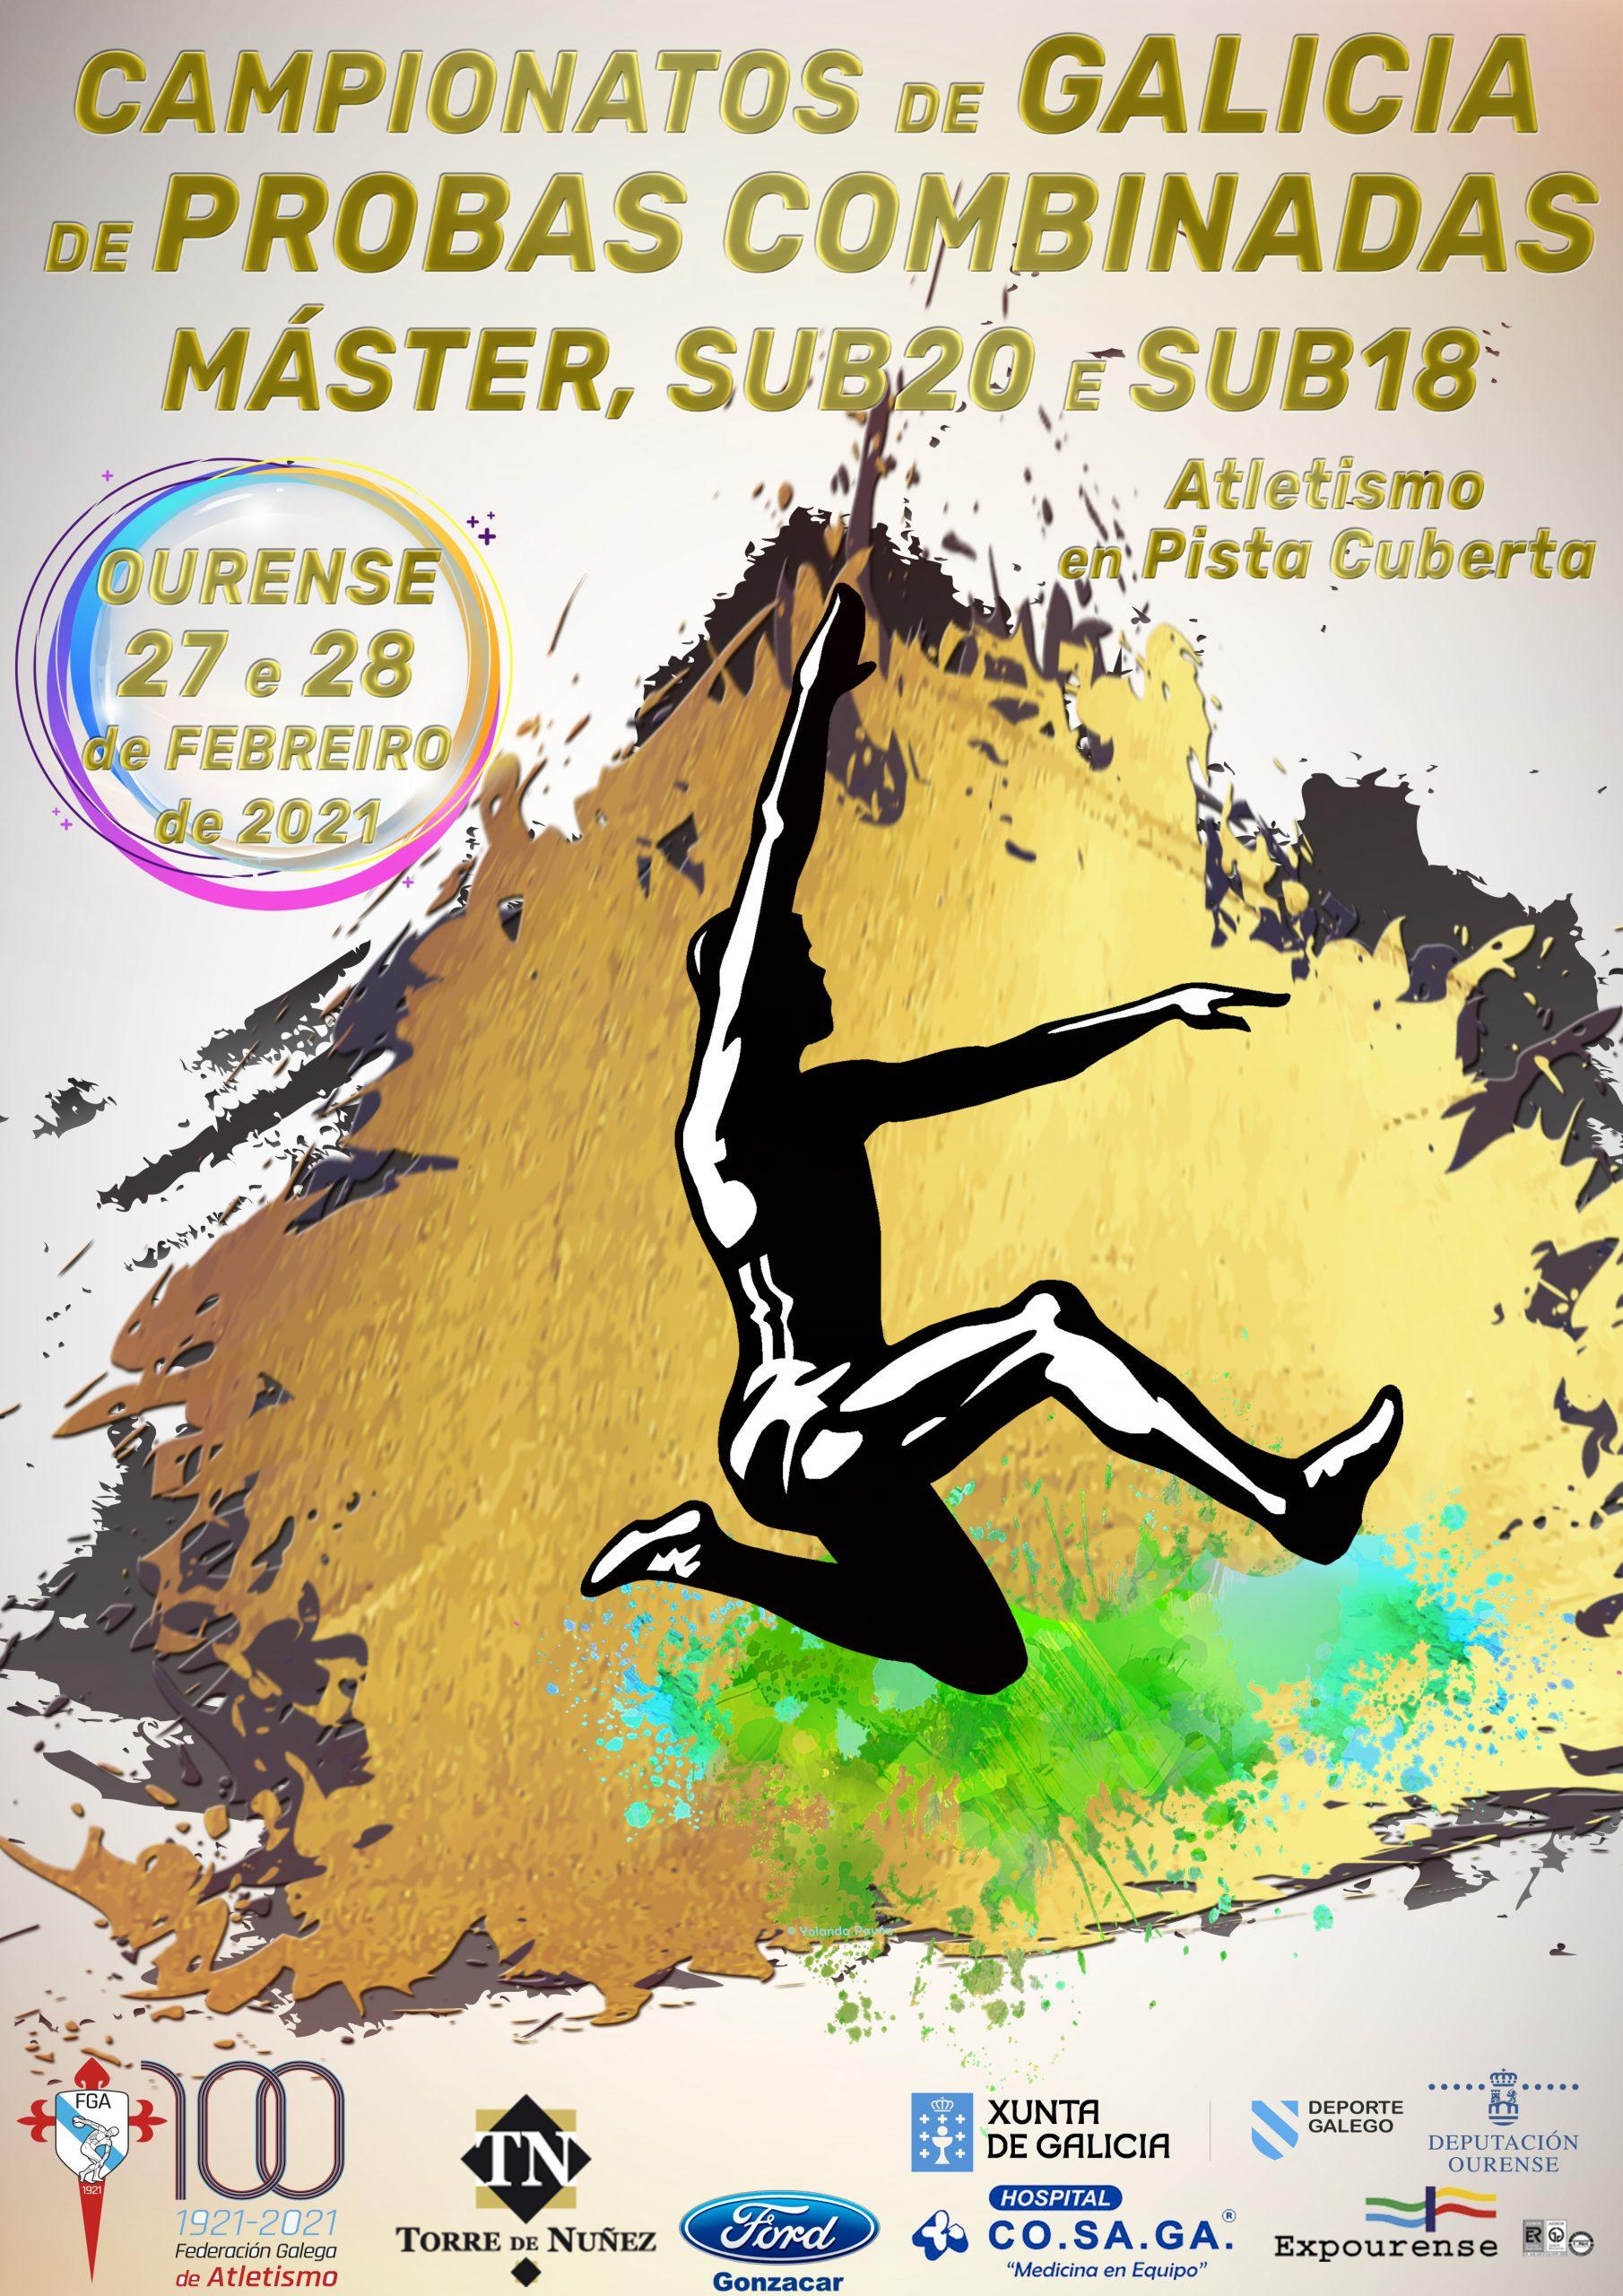 Campionato de Galicia de Probas Combinadas Máster – Sub20 – Sub18 en Pista Cuberta 2021